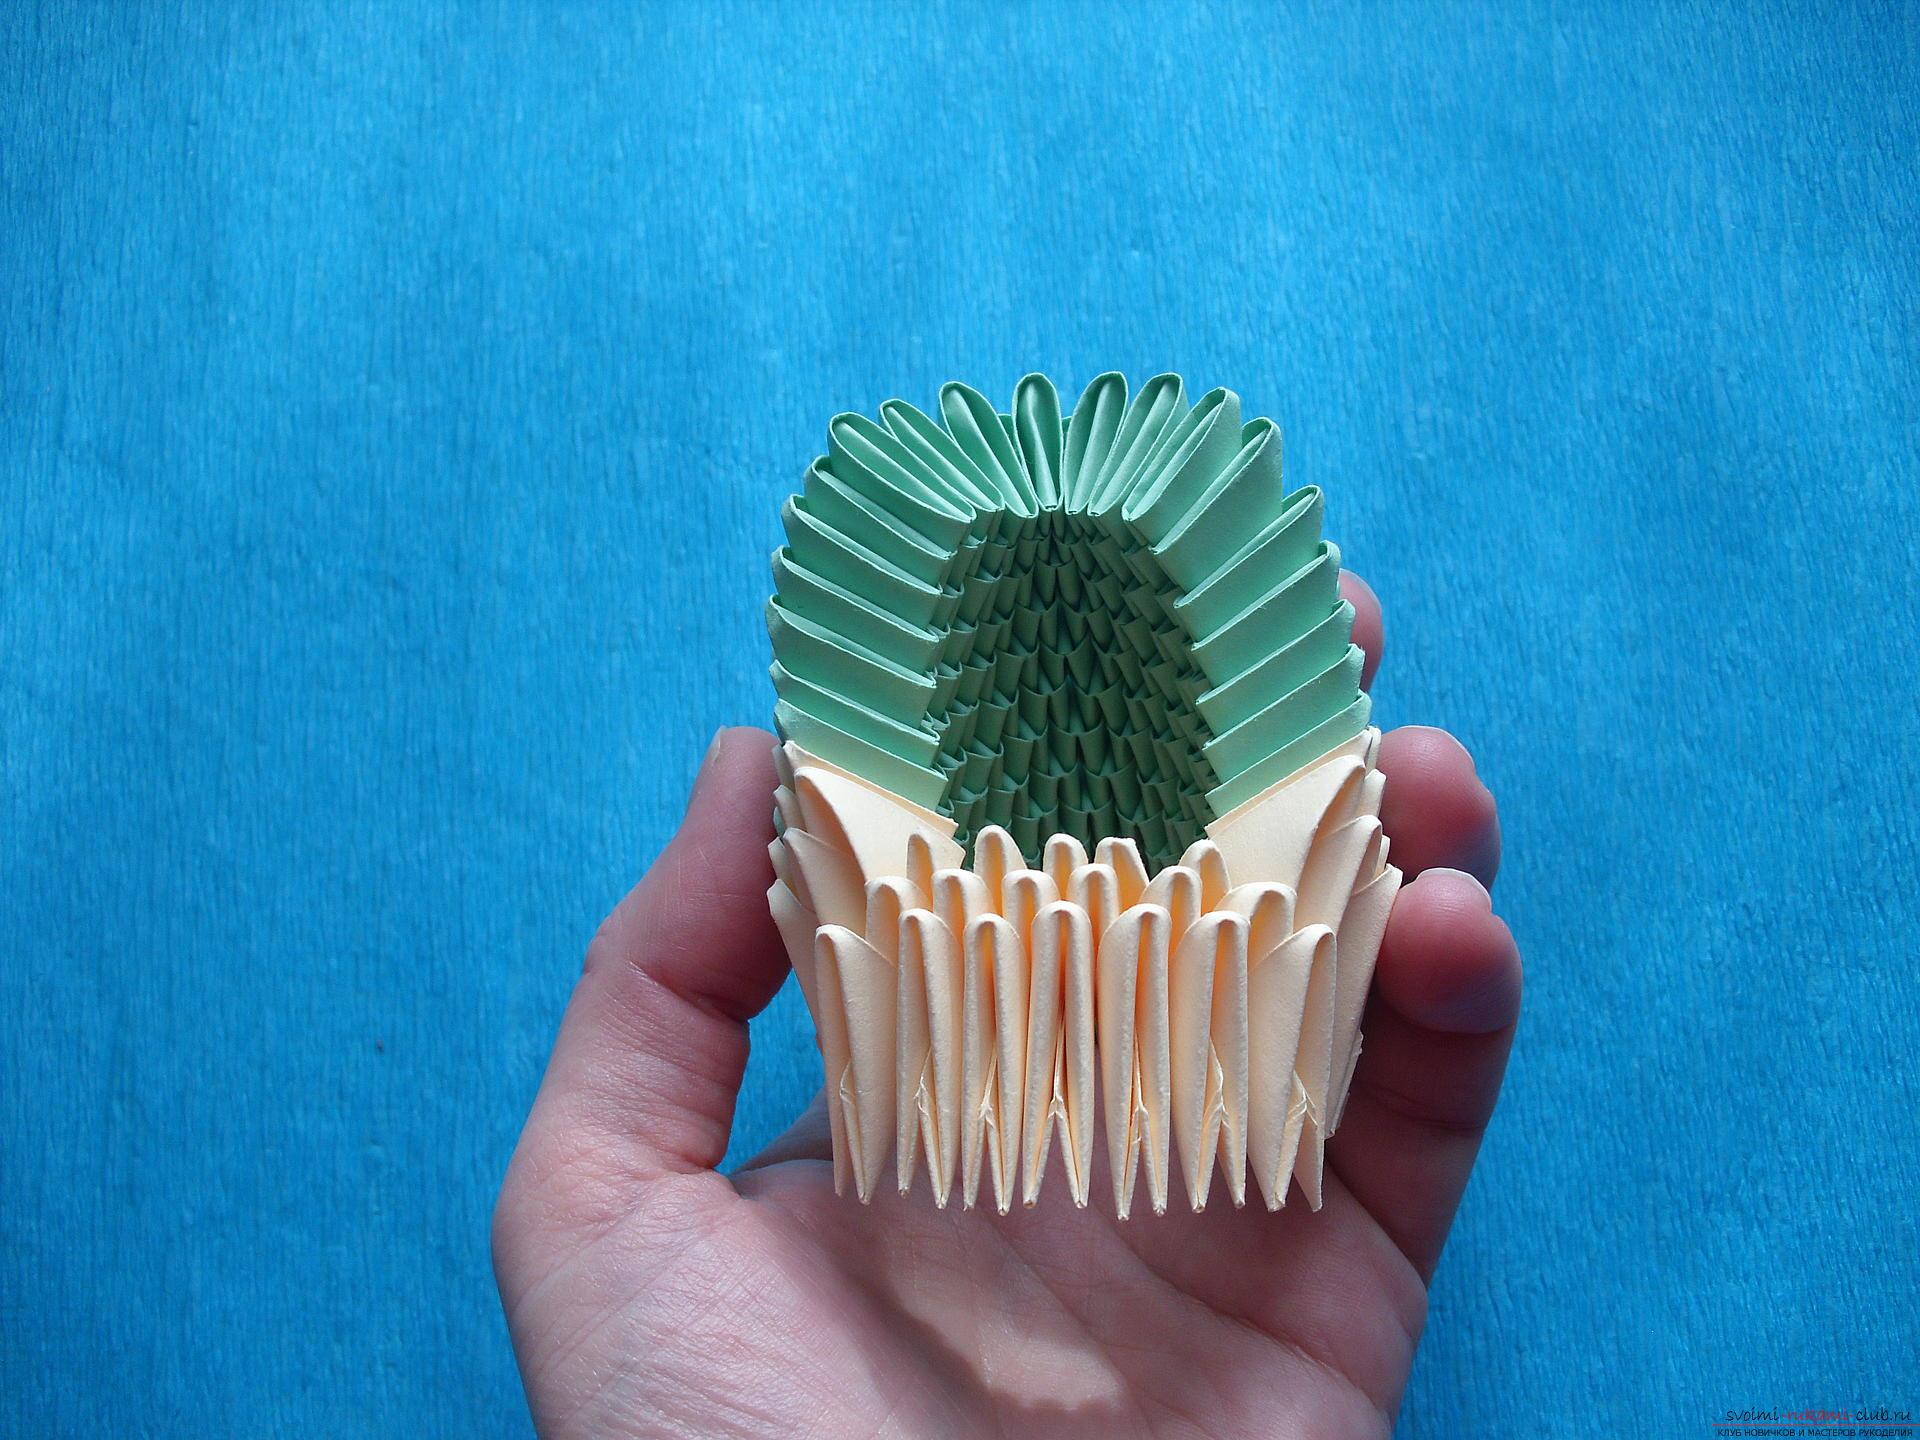 Этот мастер-класс расскажет как сделать поделку из модульных оригами - лягушку.. Фото №10